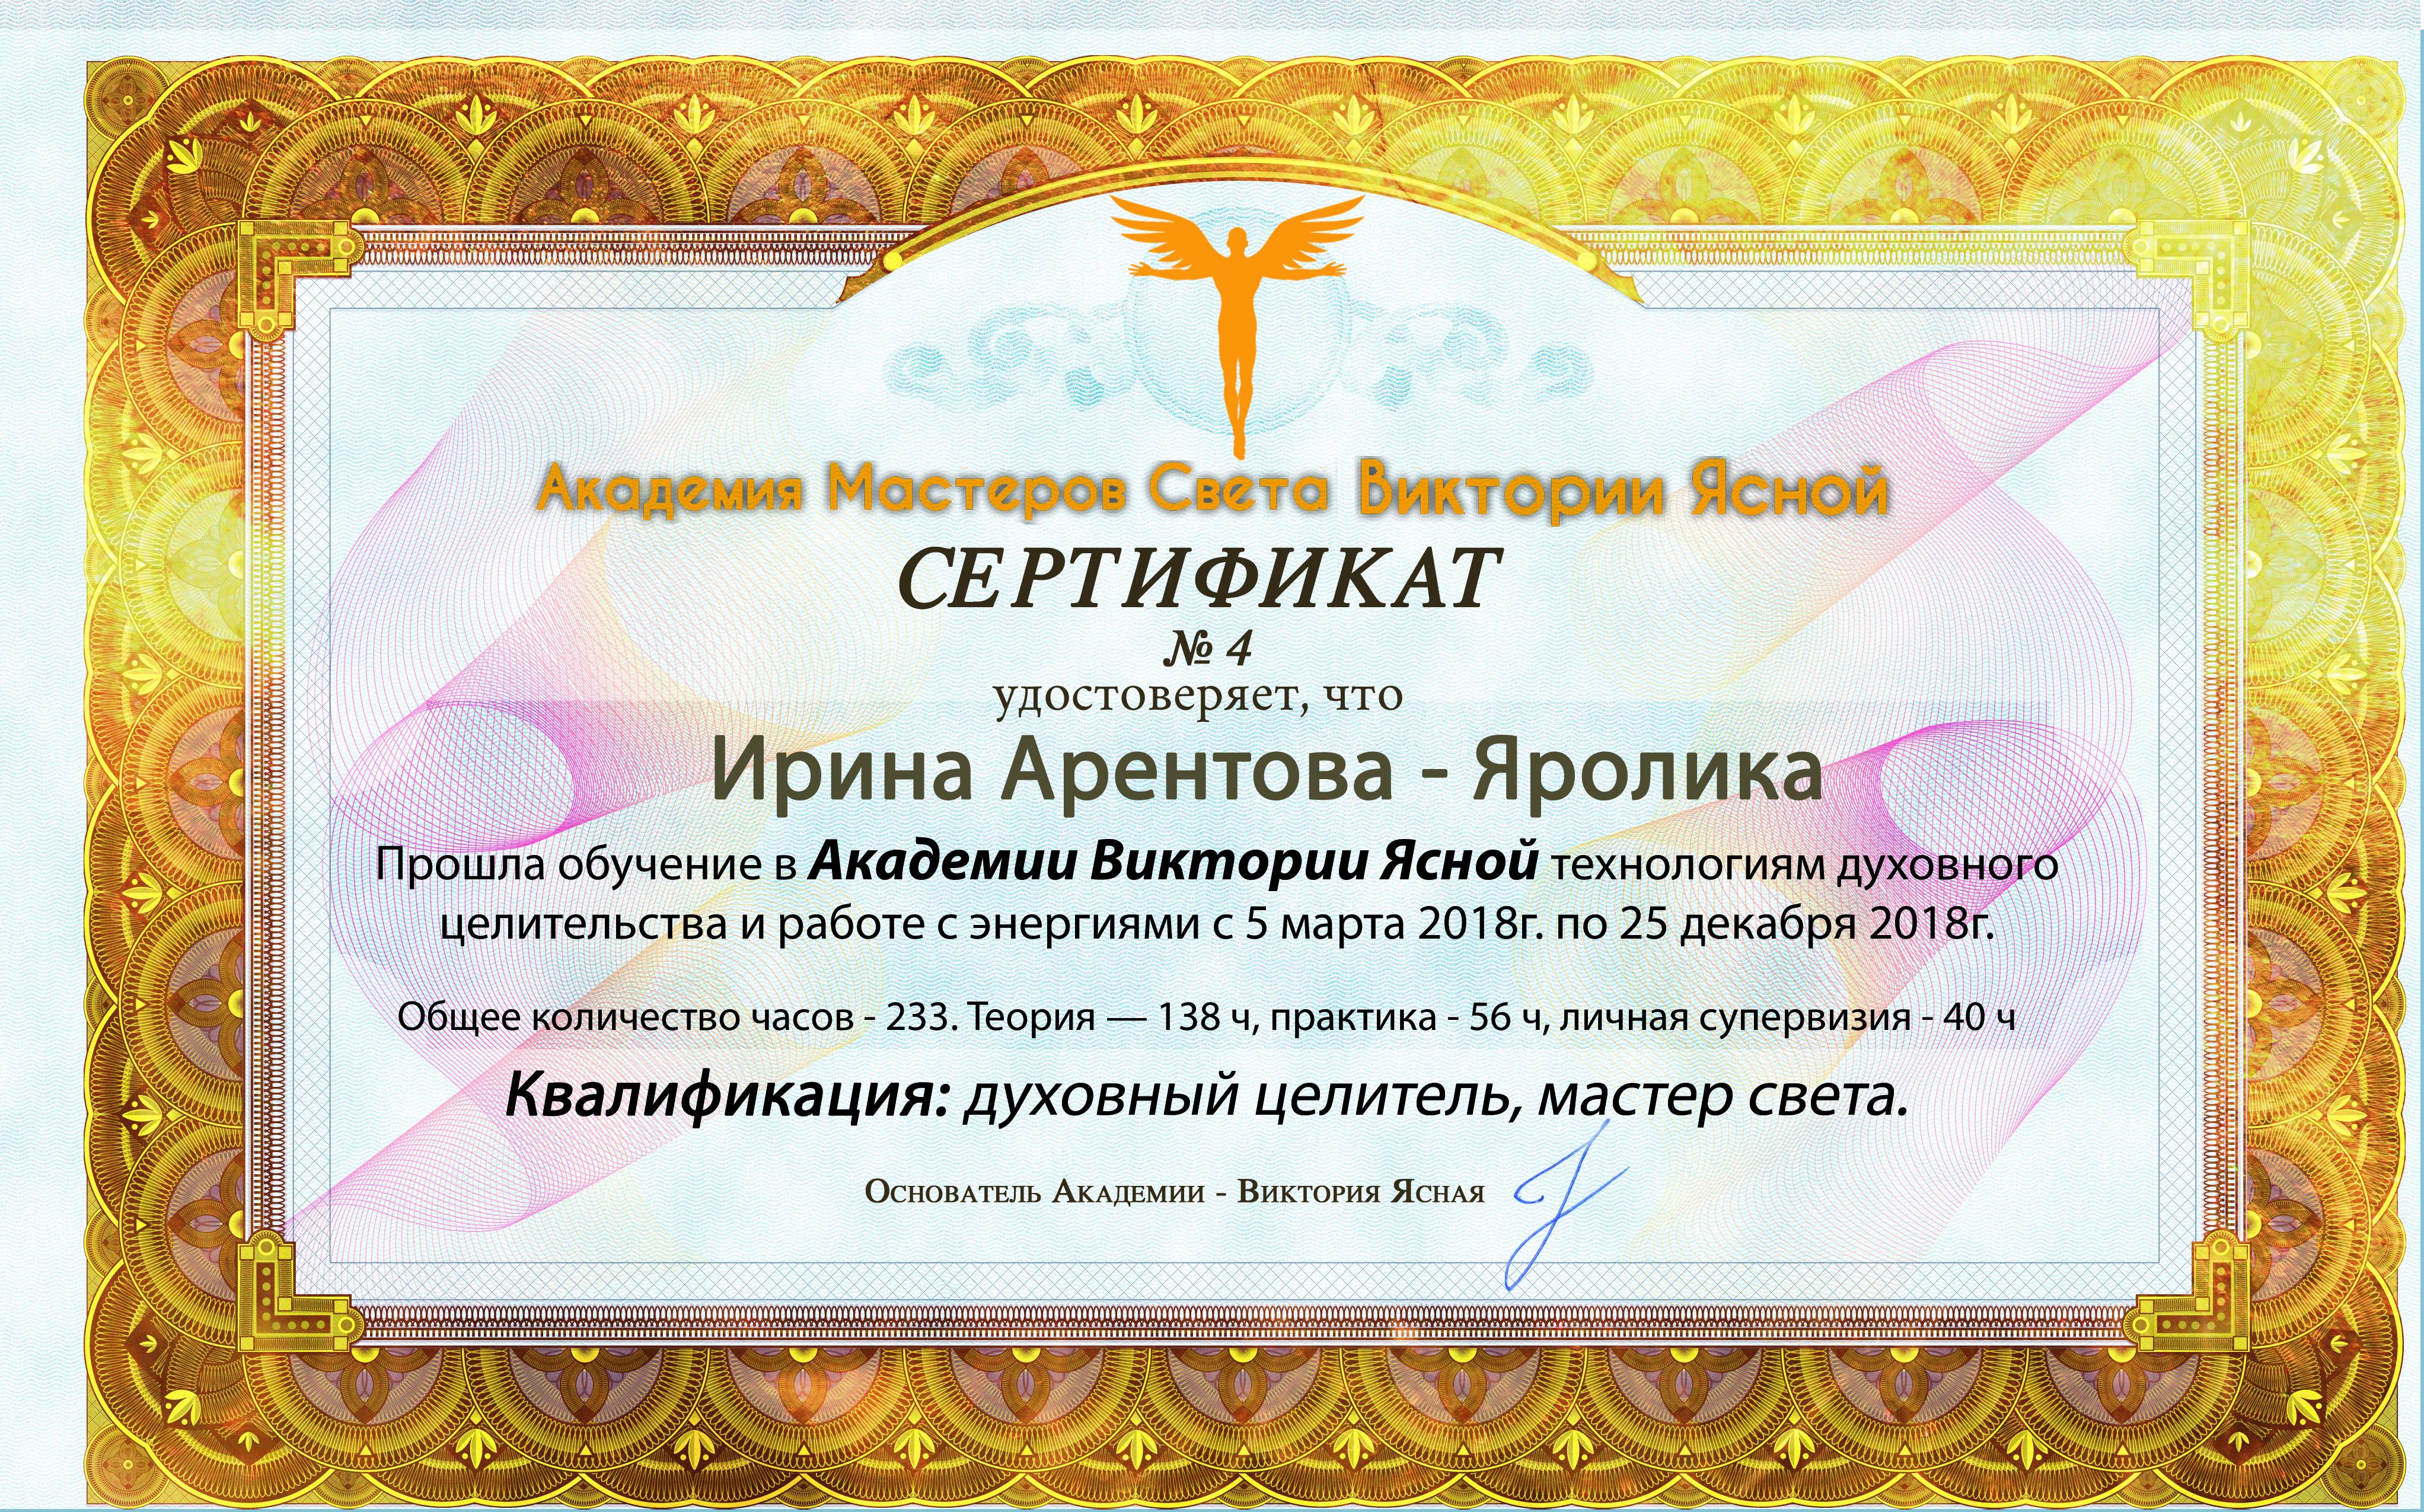 4 Ирина Арентова (Яролика)